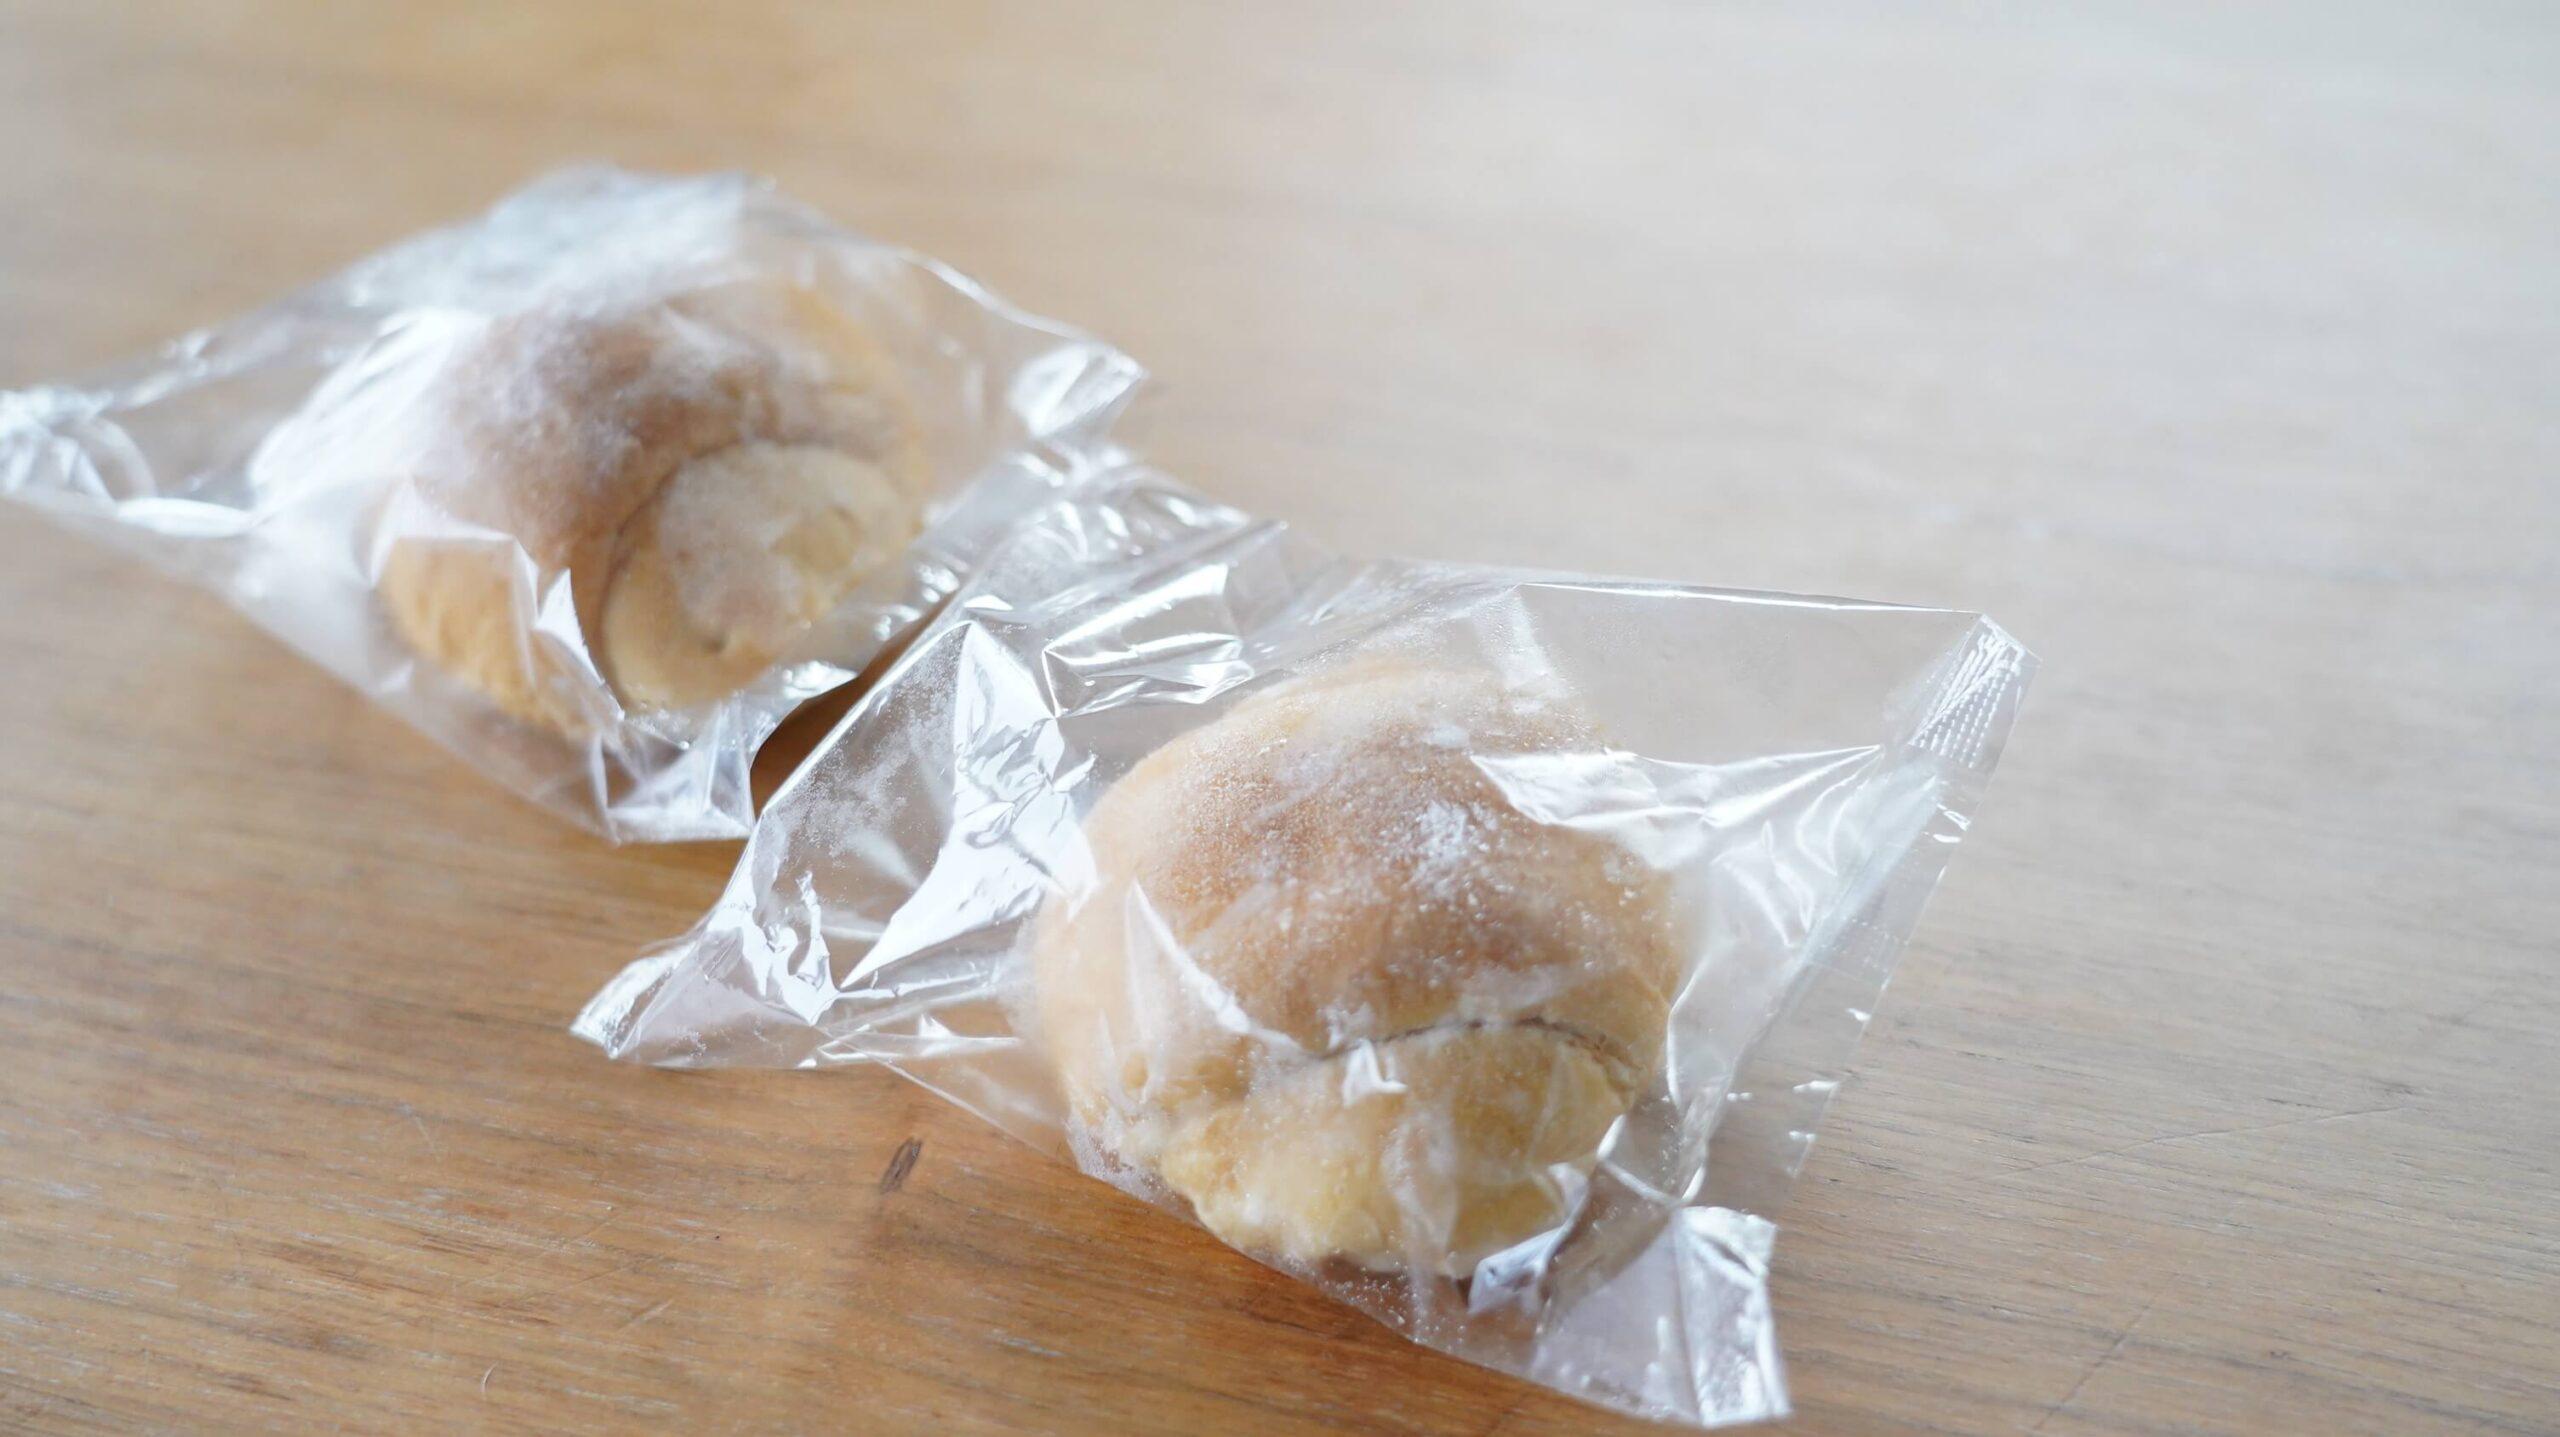 nosh(ナッシュ)の冷凍食品「バターロールパン」を上から撮影した写真